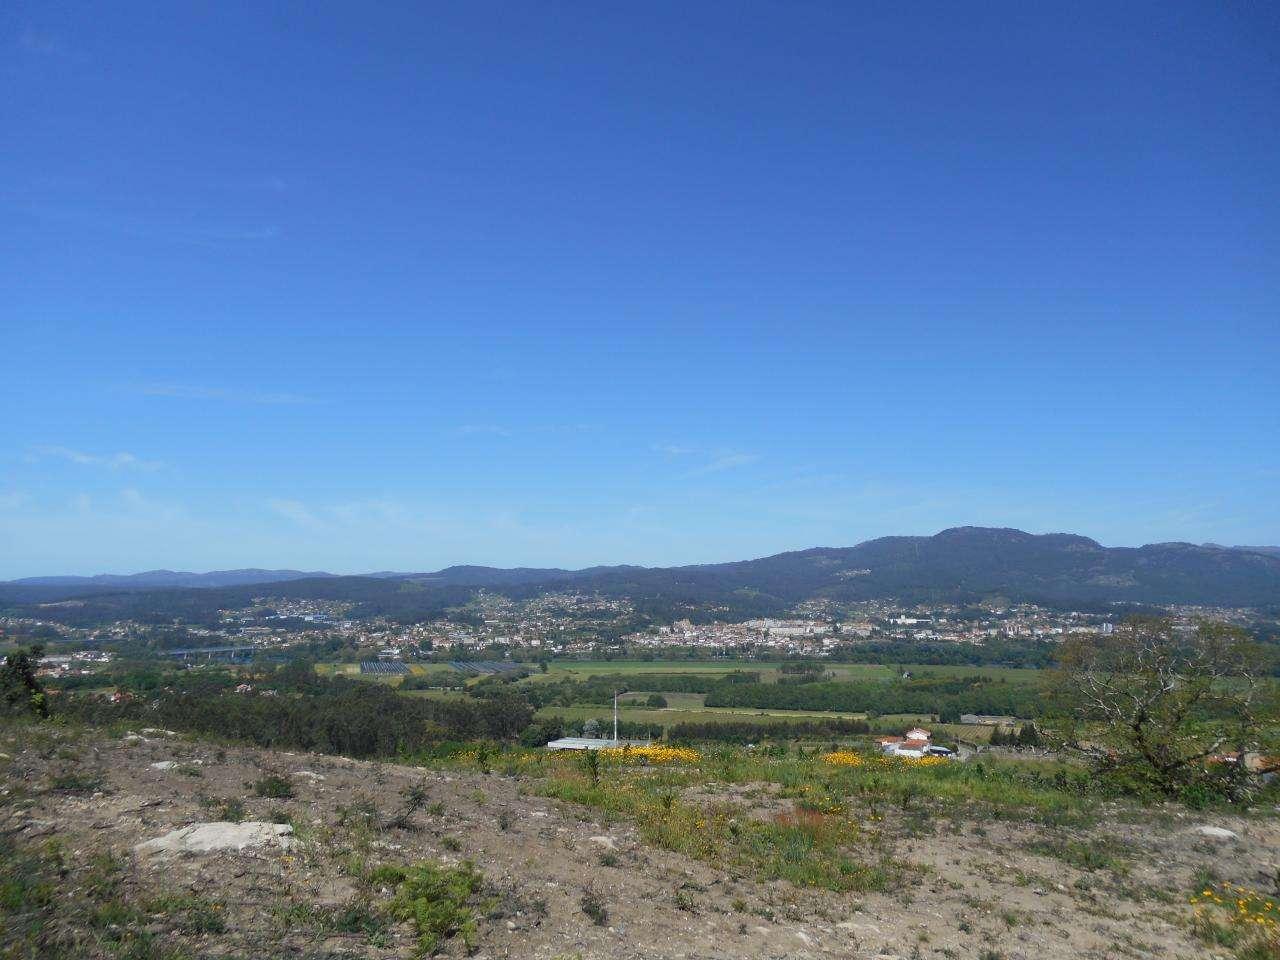 Terreno para comprar, Ganfei (São Salvador), Valença, Viana do Castelo - Foto 2